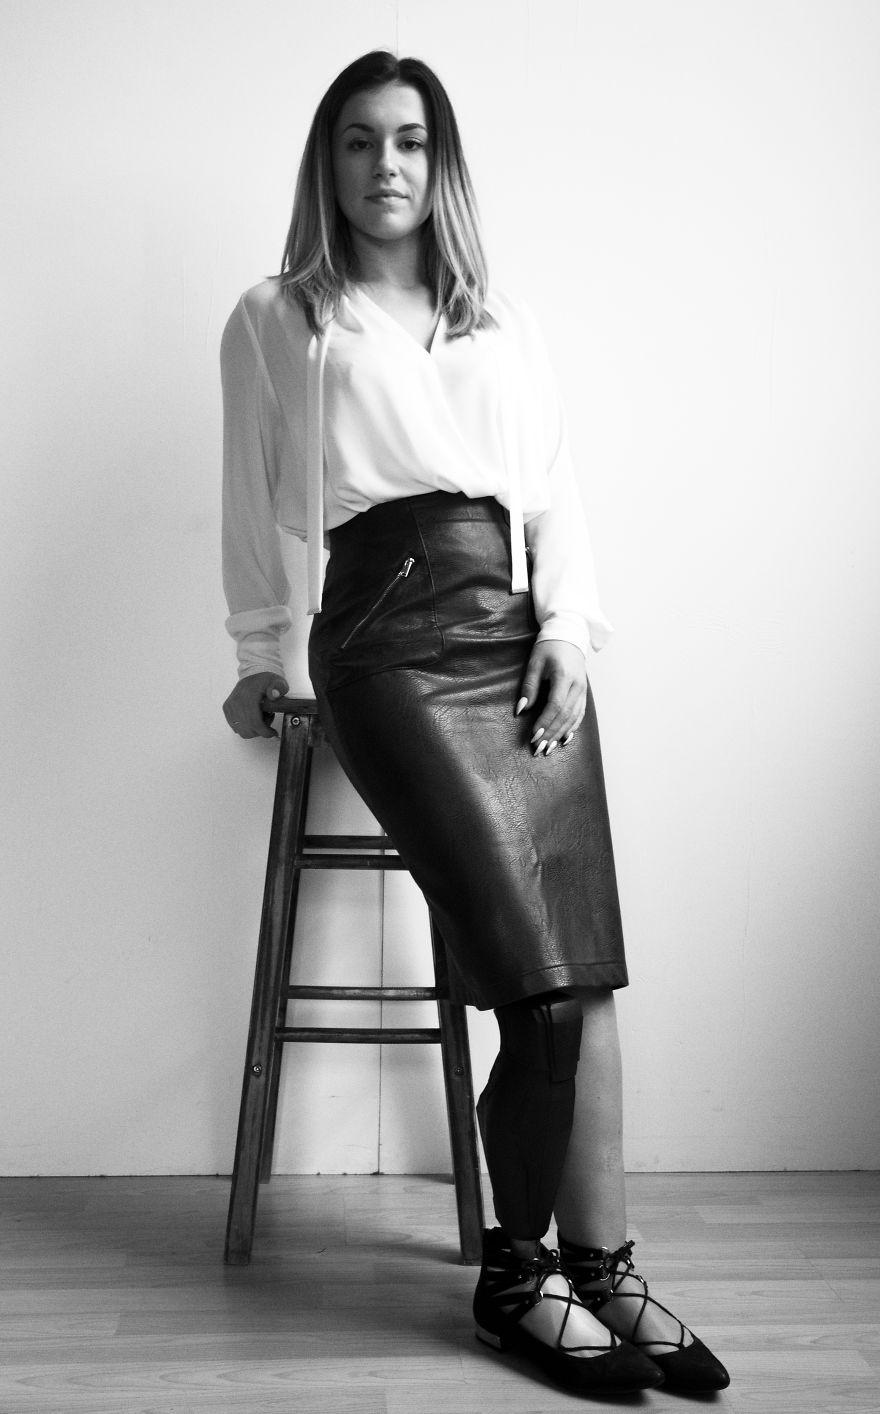 Vicky. B Stunning Model & Amputee